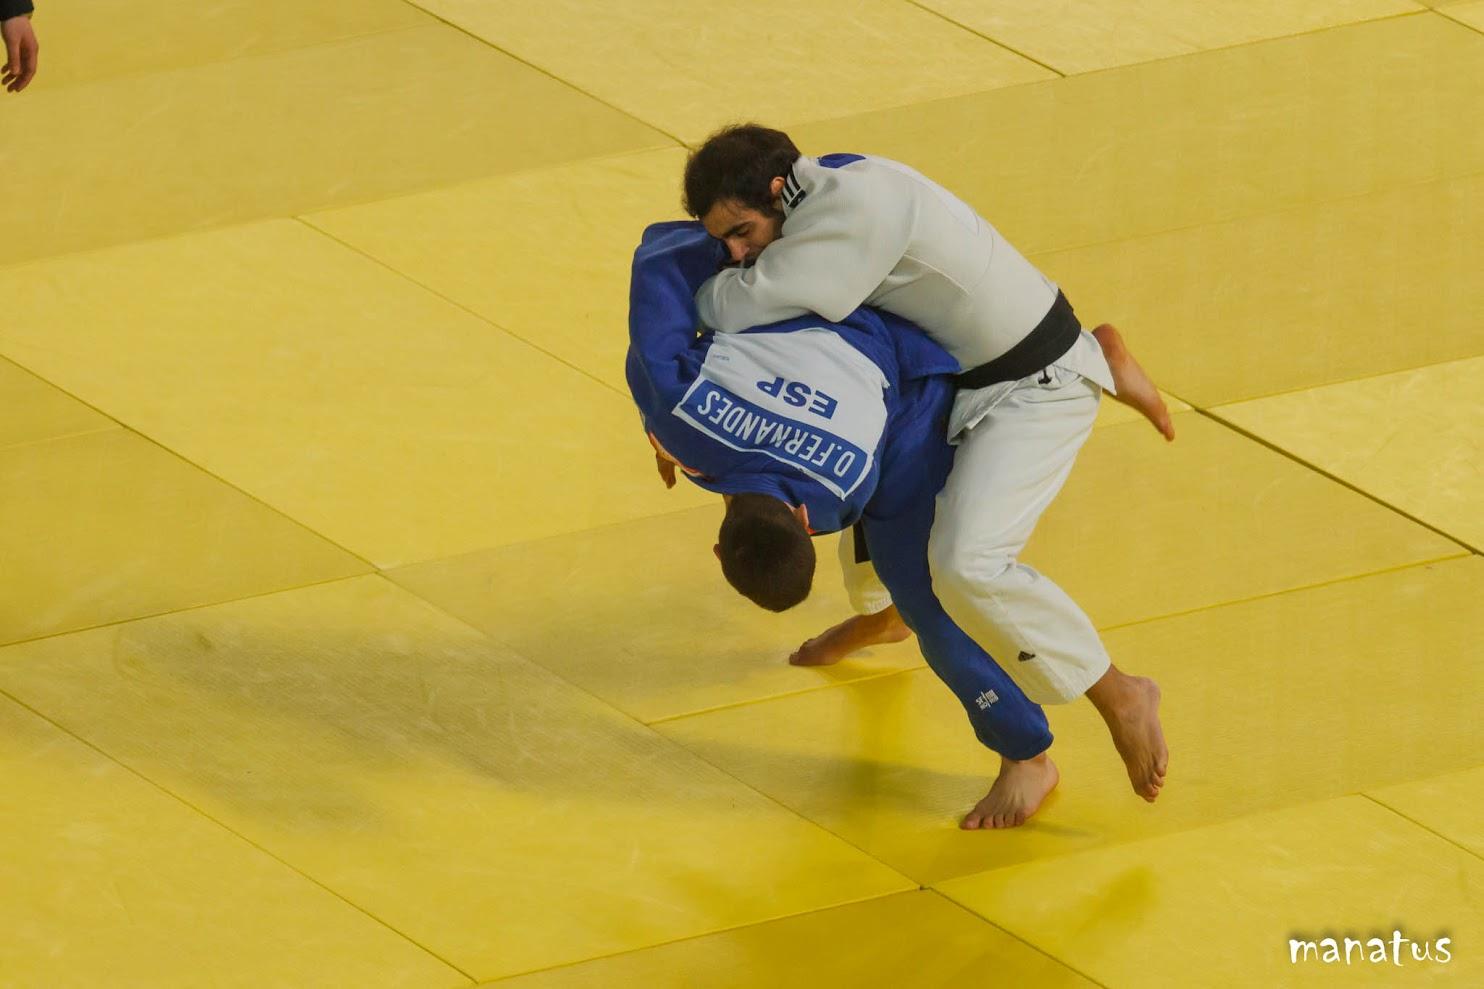 manatus judo